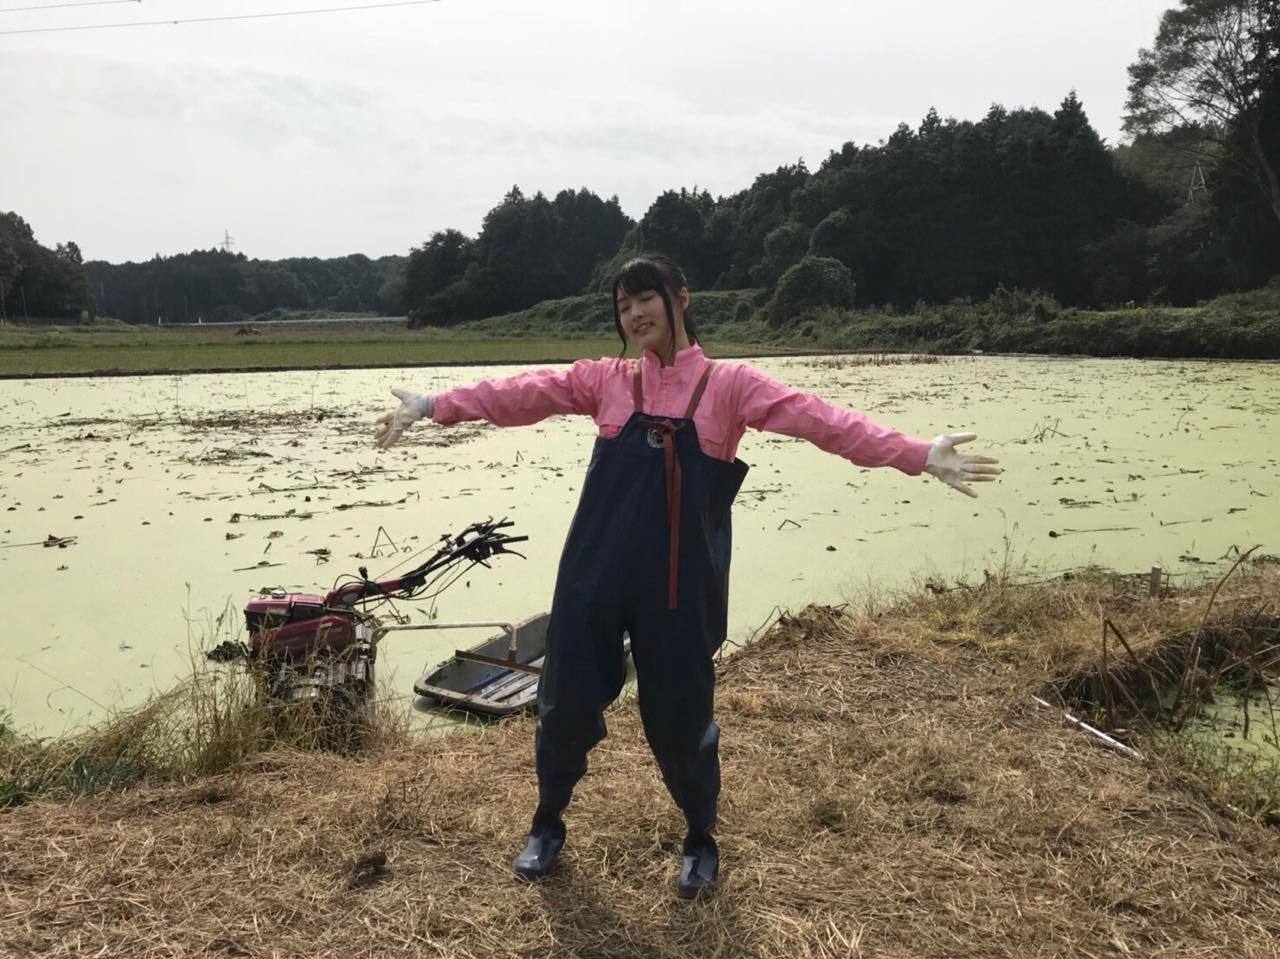 AKB48大森美優「畑でMarry Me!」農家のお宅に2泊3日で泊まり込み! <11月3週目> [11/15 22:54~]